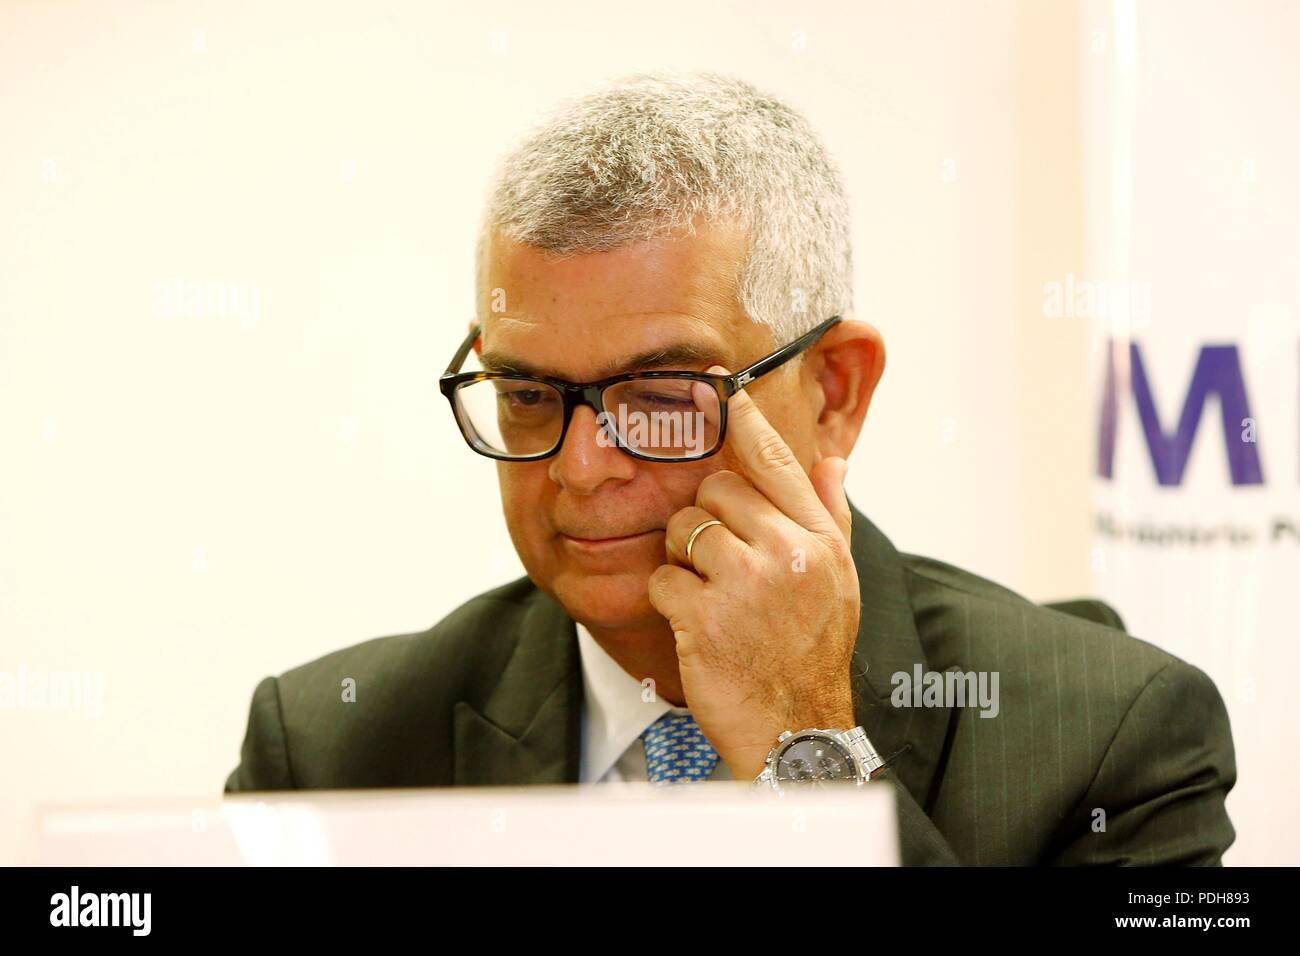 President of Petrobras, Ivan Monteiro, attends a resource-return